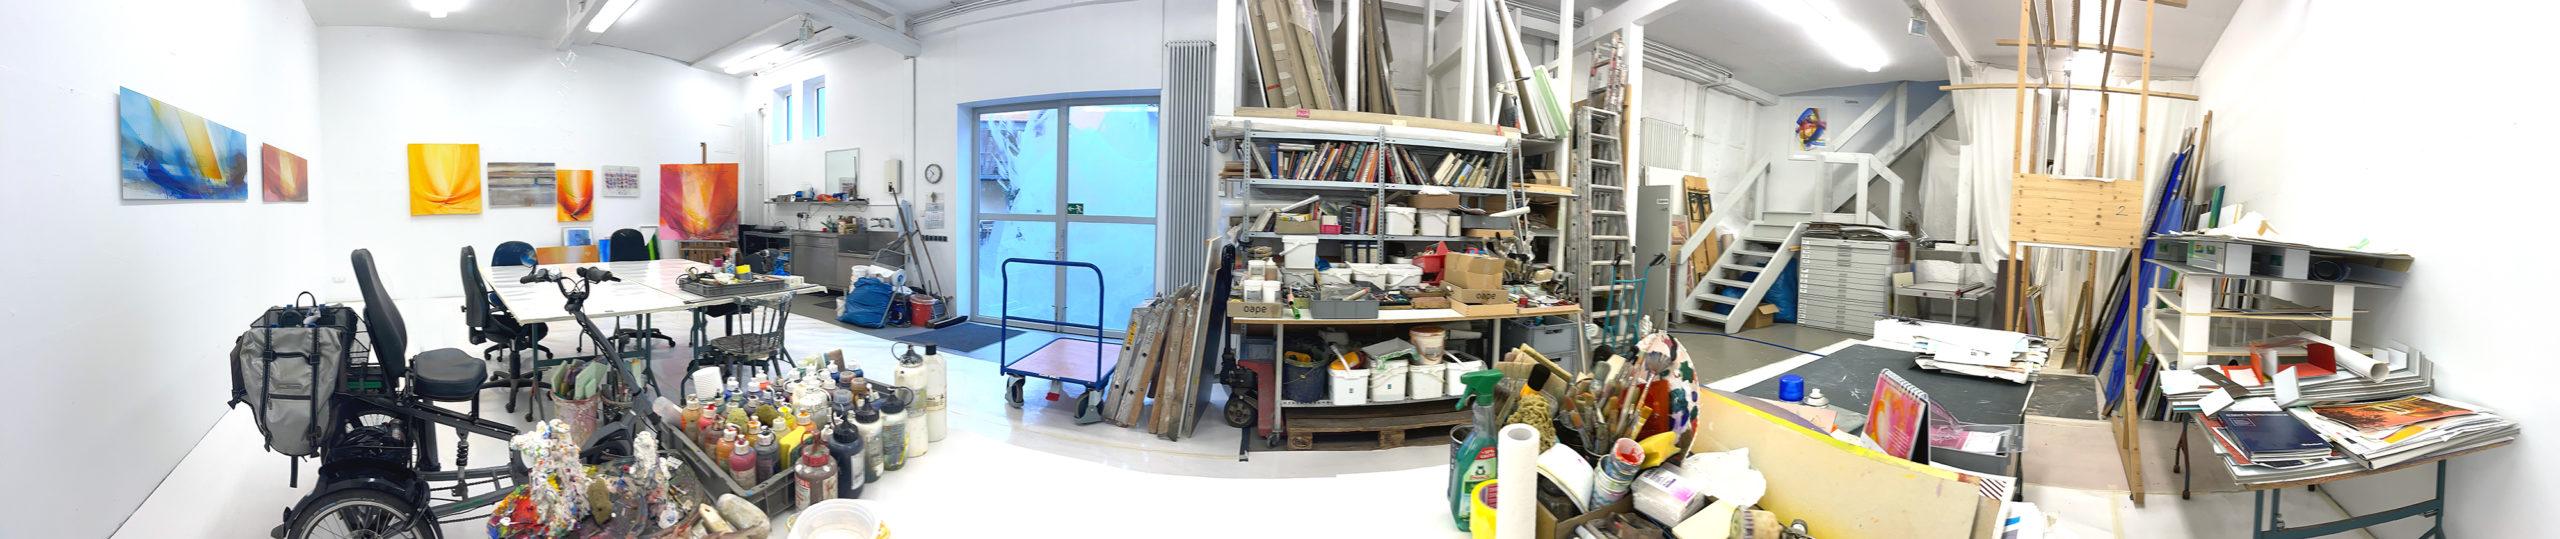 Atelier 2021